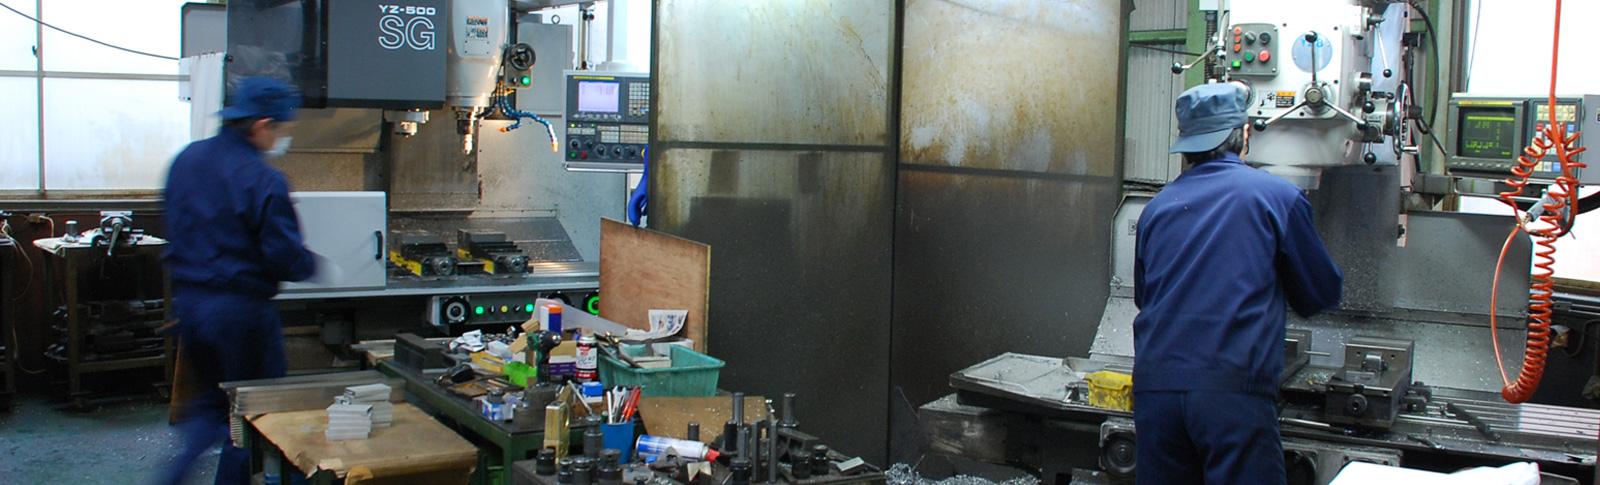 加藤工機イメージ1